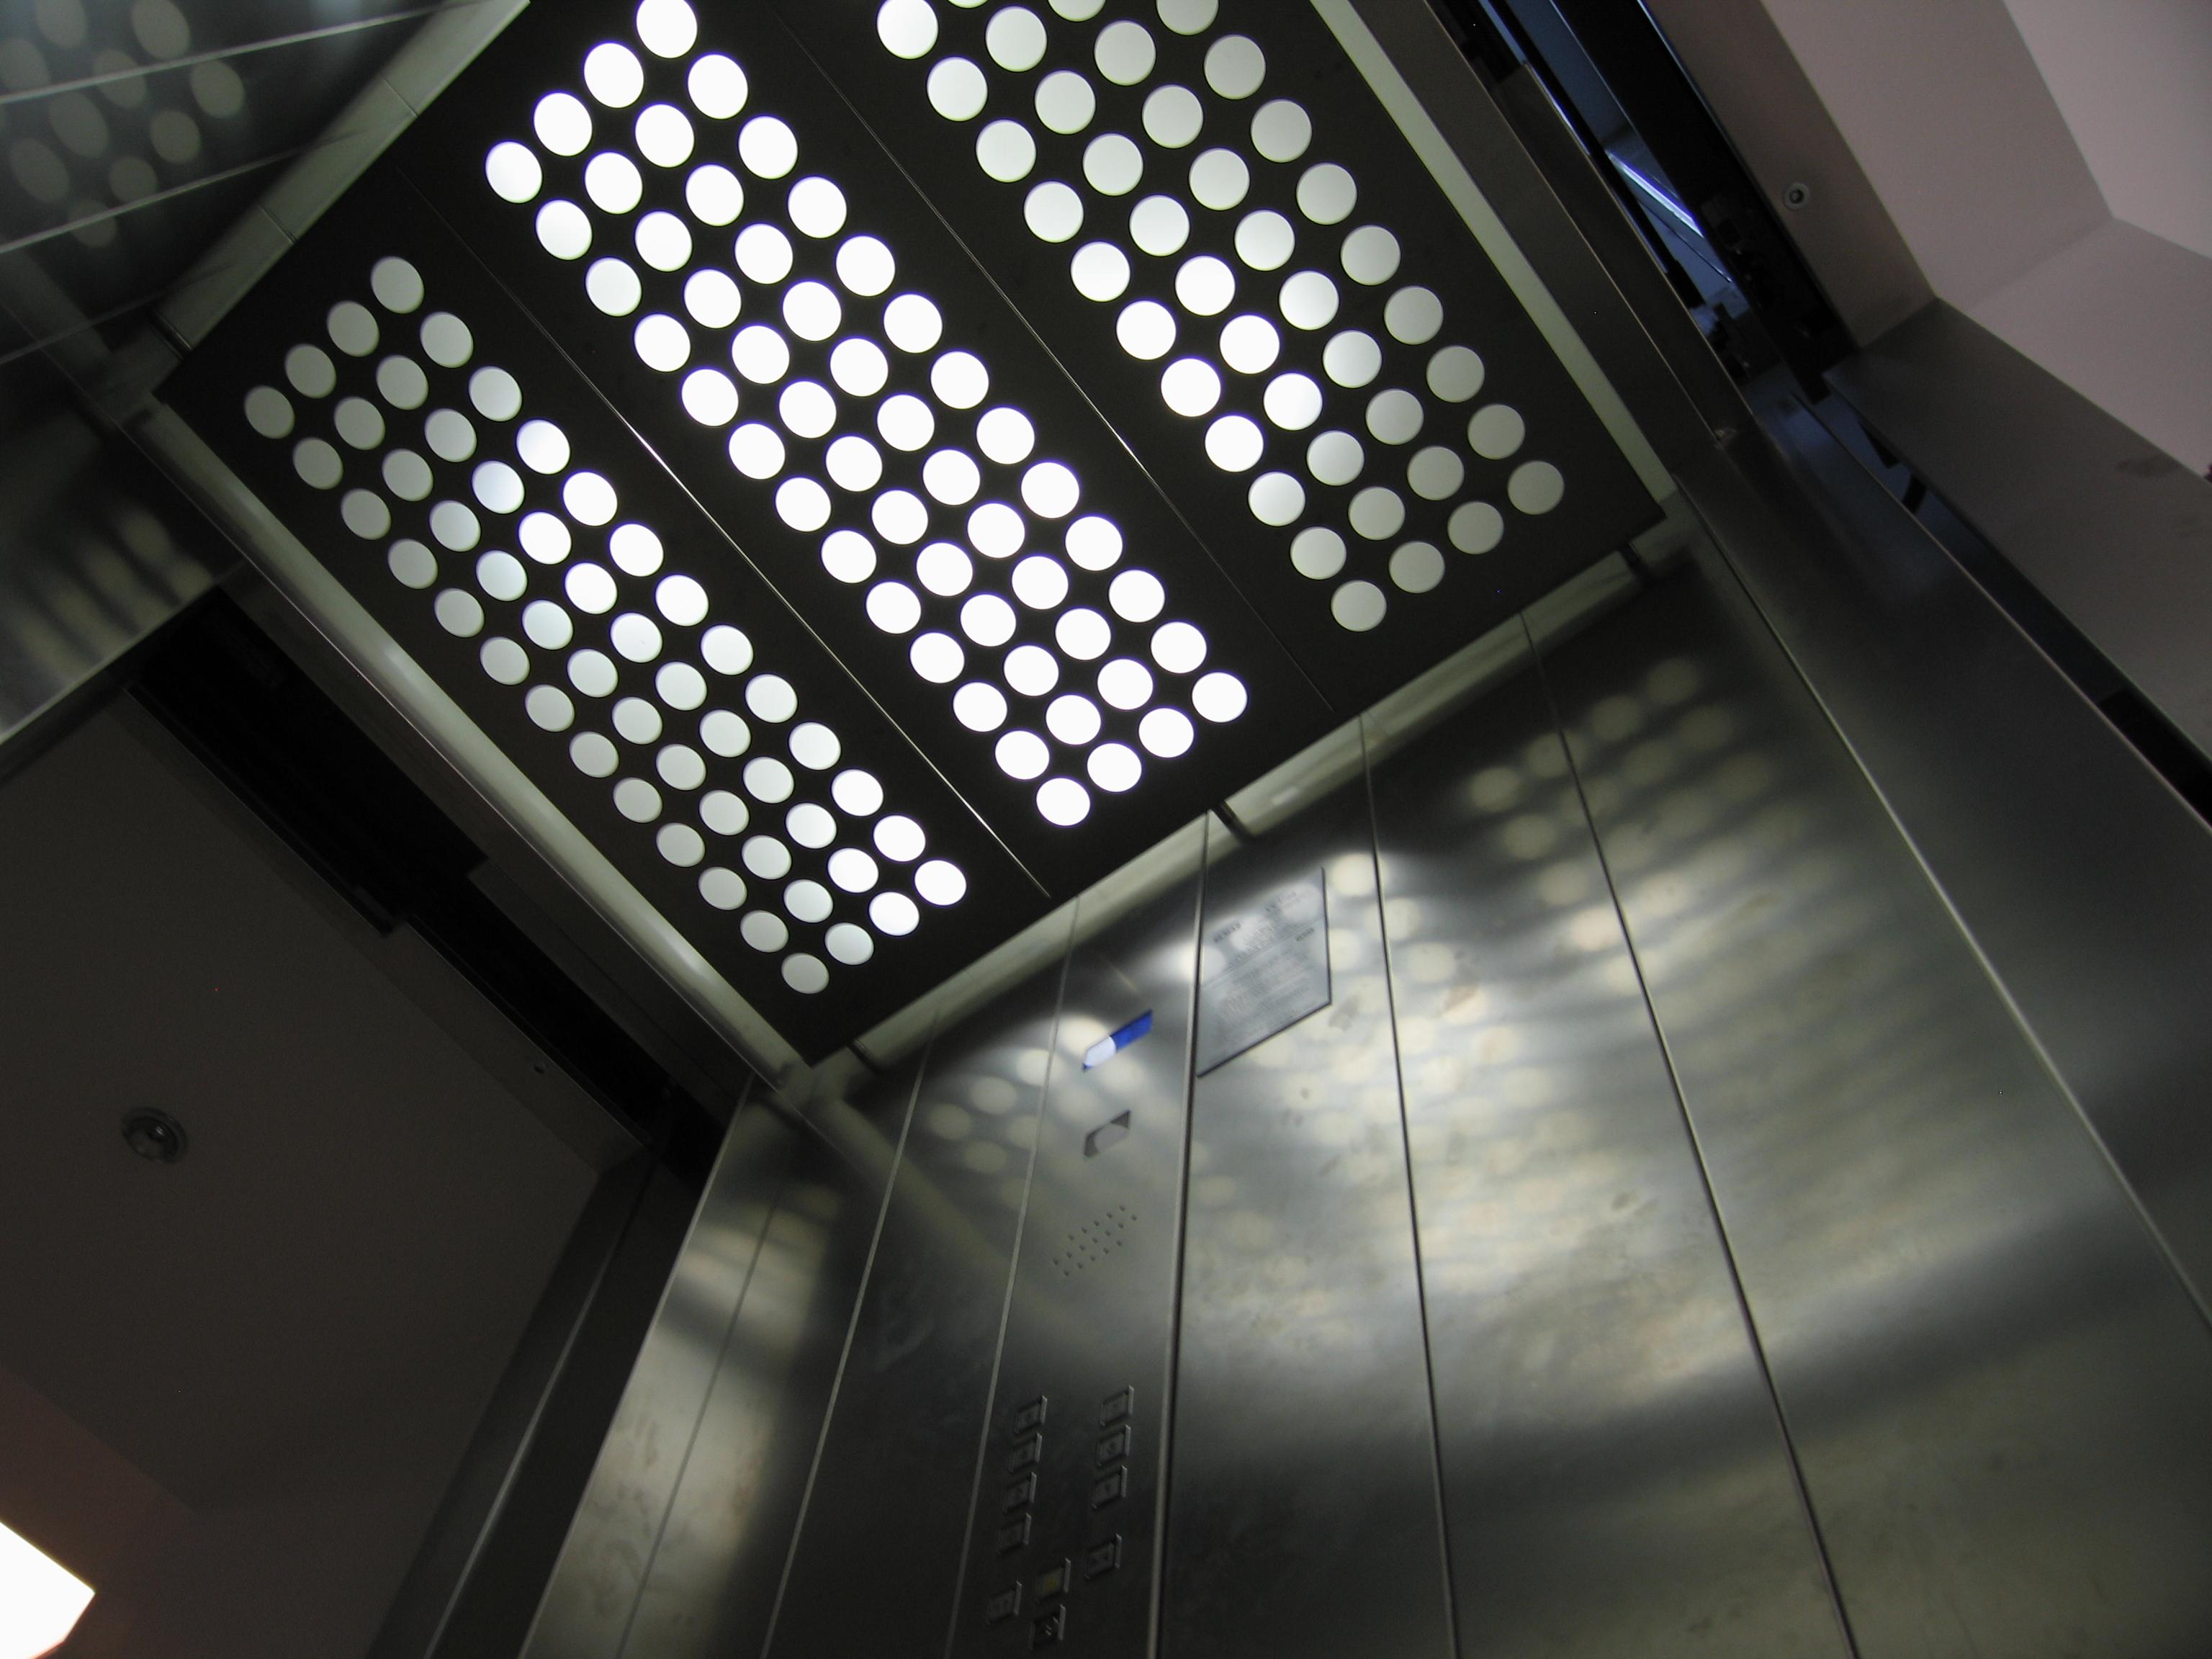 Ascensor panoramic - Spital - BRASOV ELMAS - Poza 1